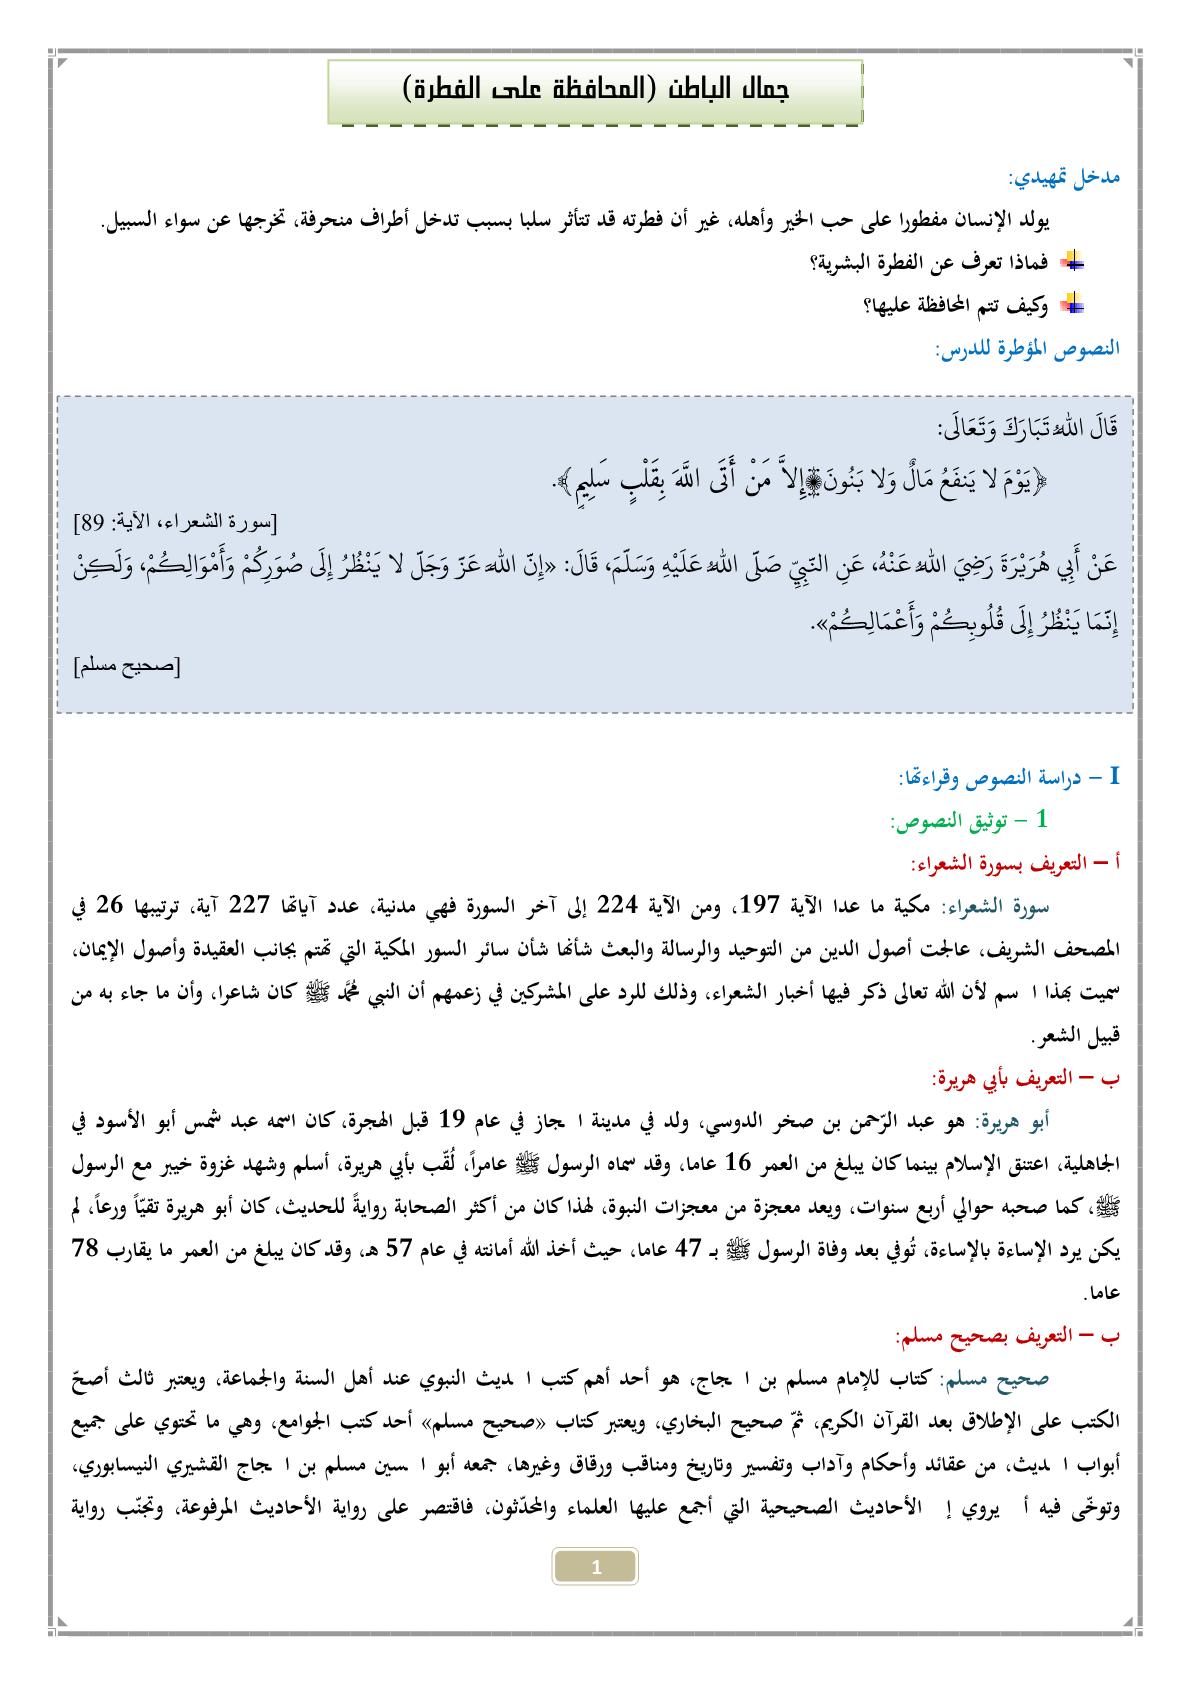 درس جمال الباطن في مادة التربية الإسلامية للسنة الثالثة إعدادي